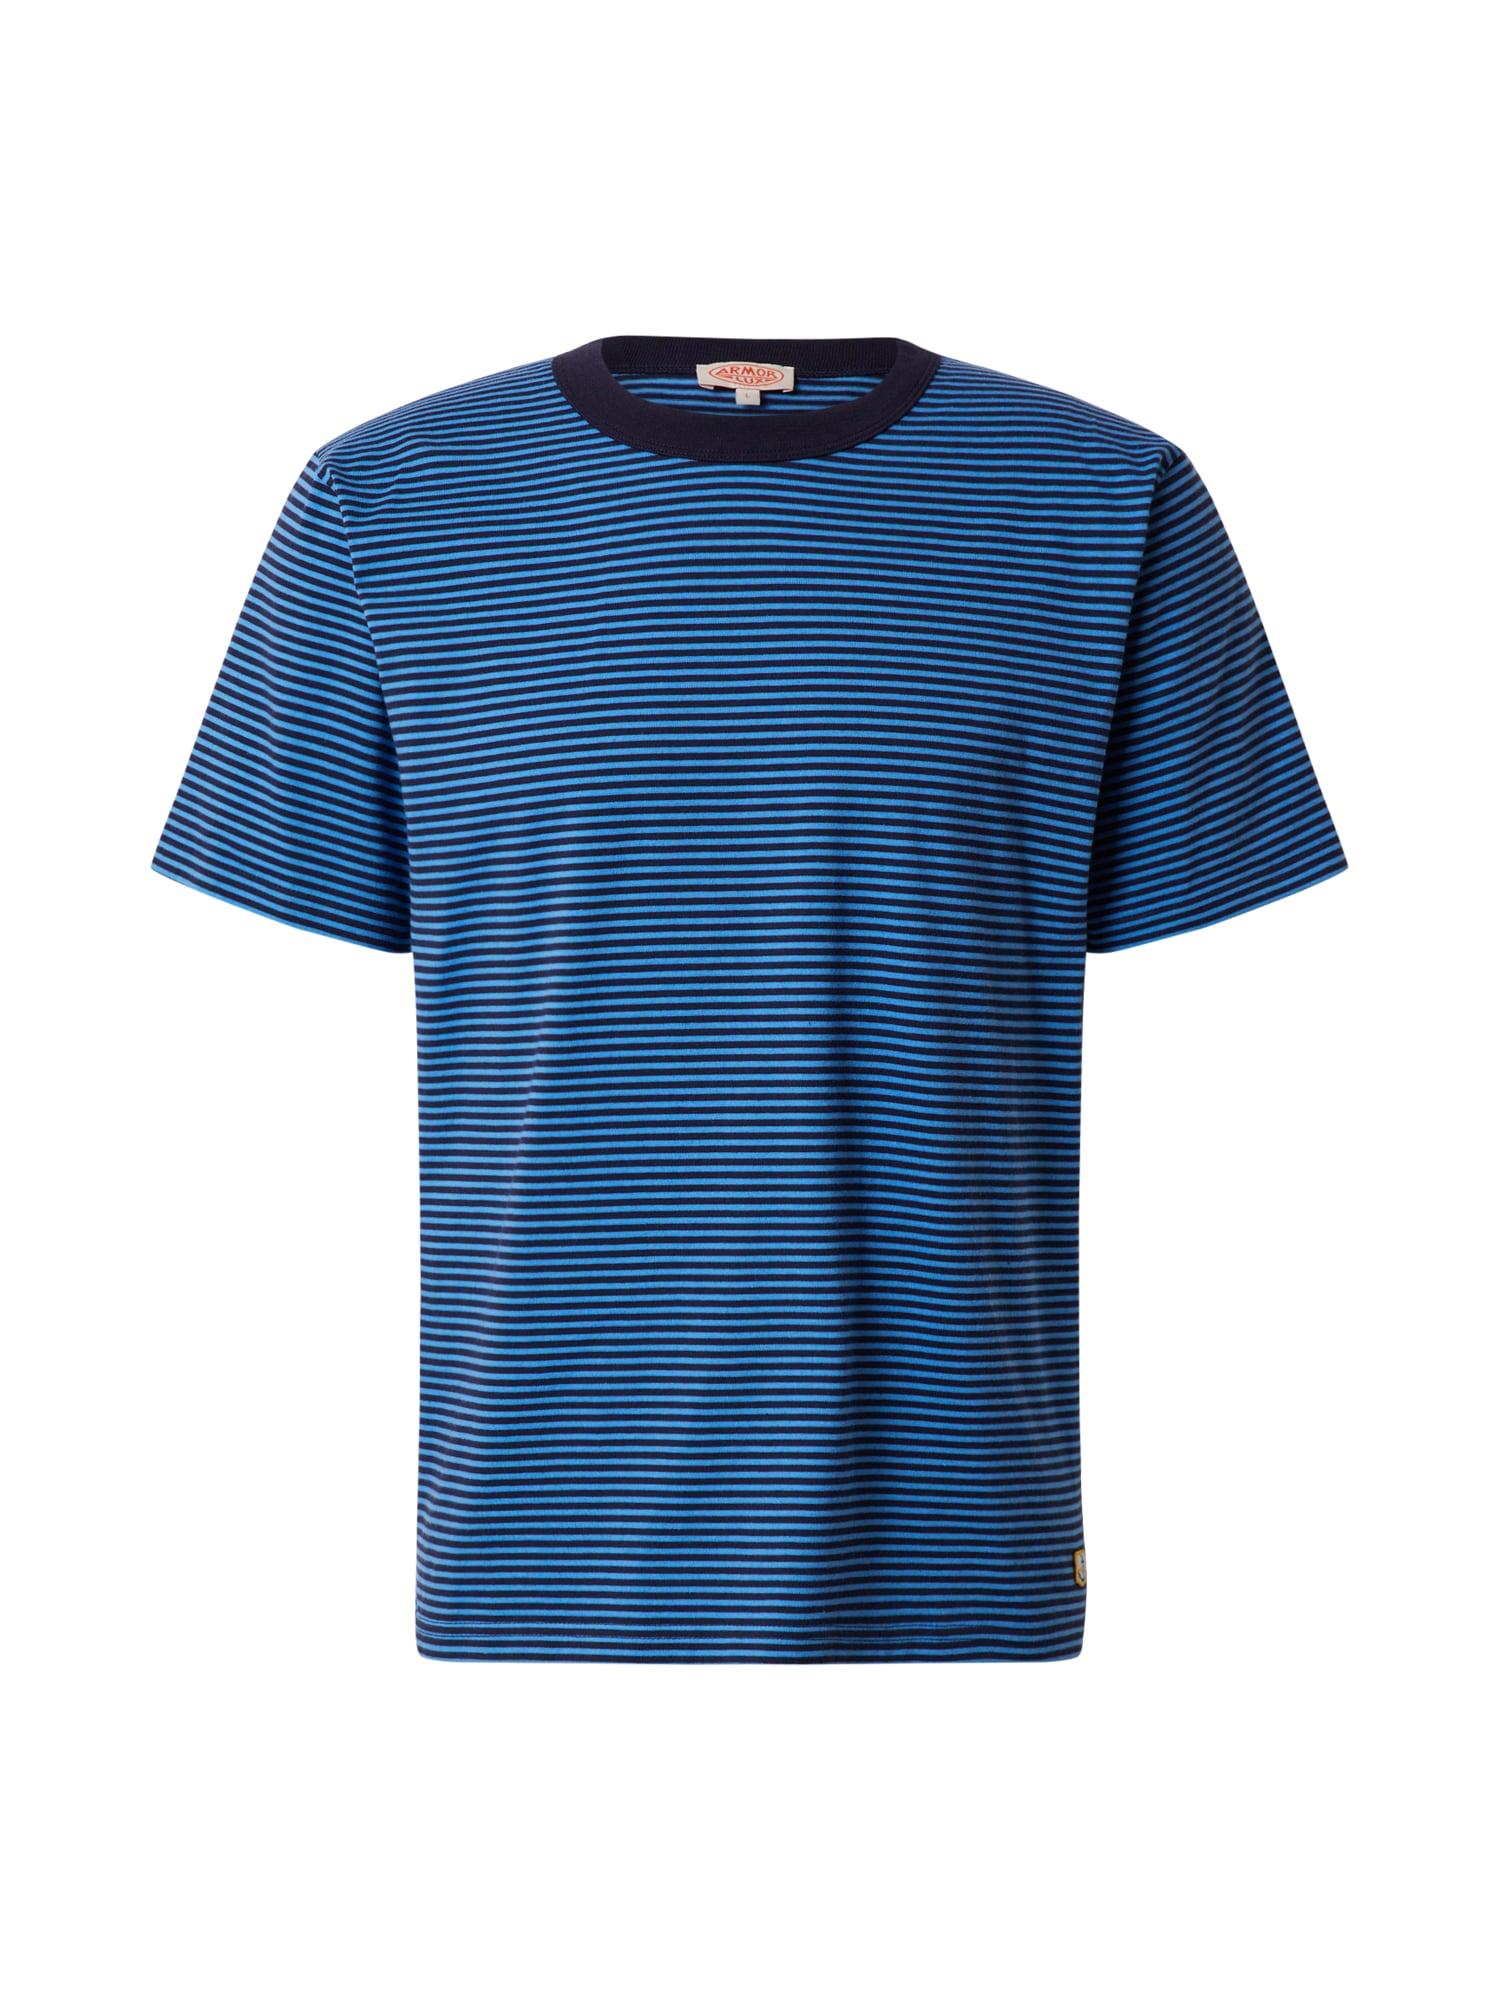 Armor Lux Marškinėliai 'MC Rayé Héritage' mėlyna / tamsiai mėlyna